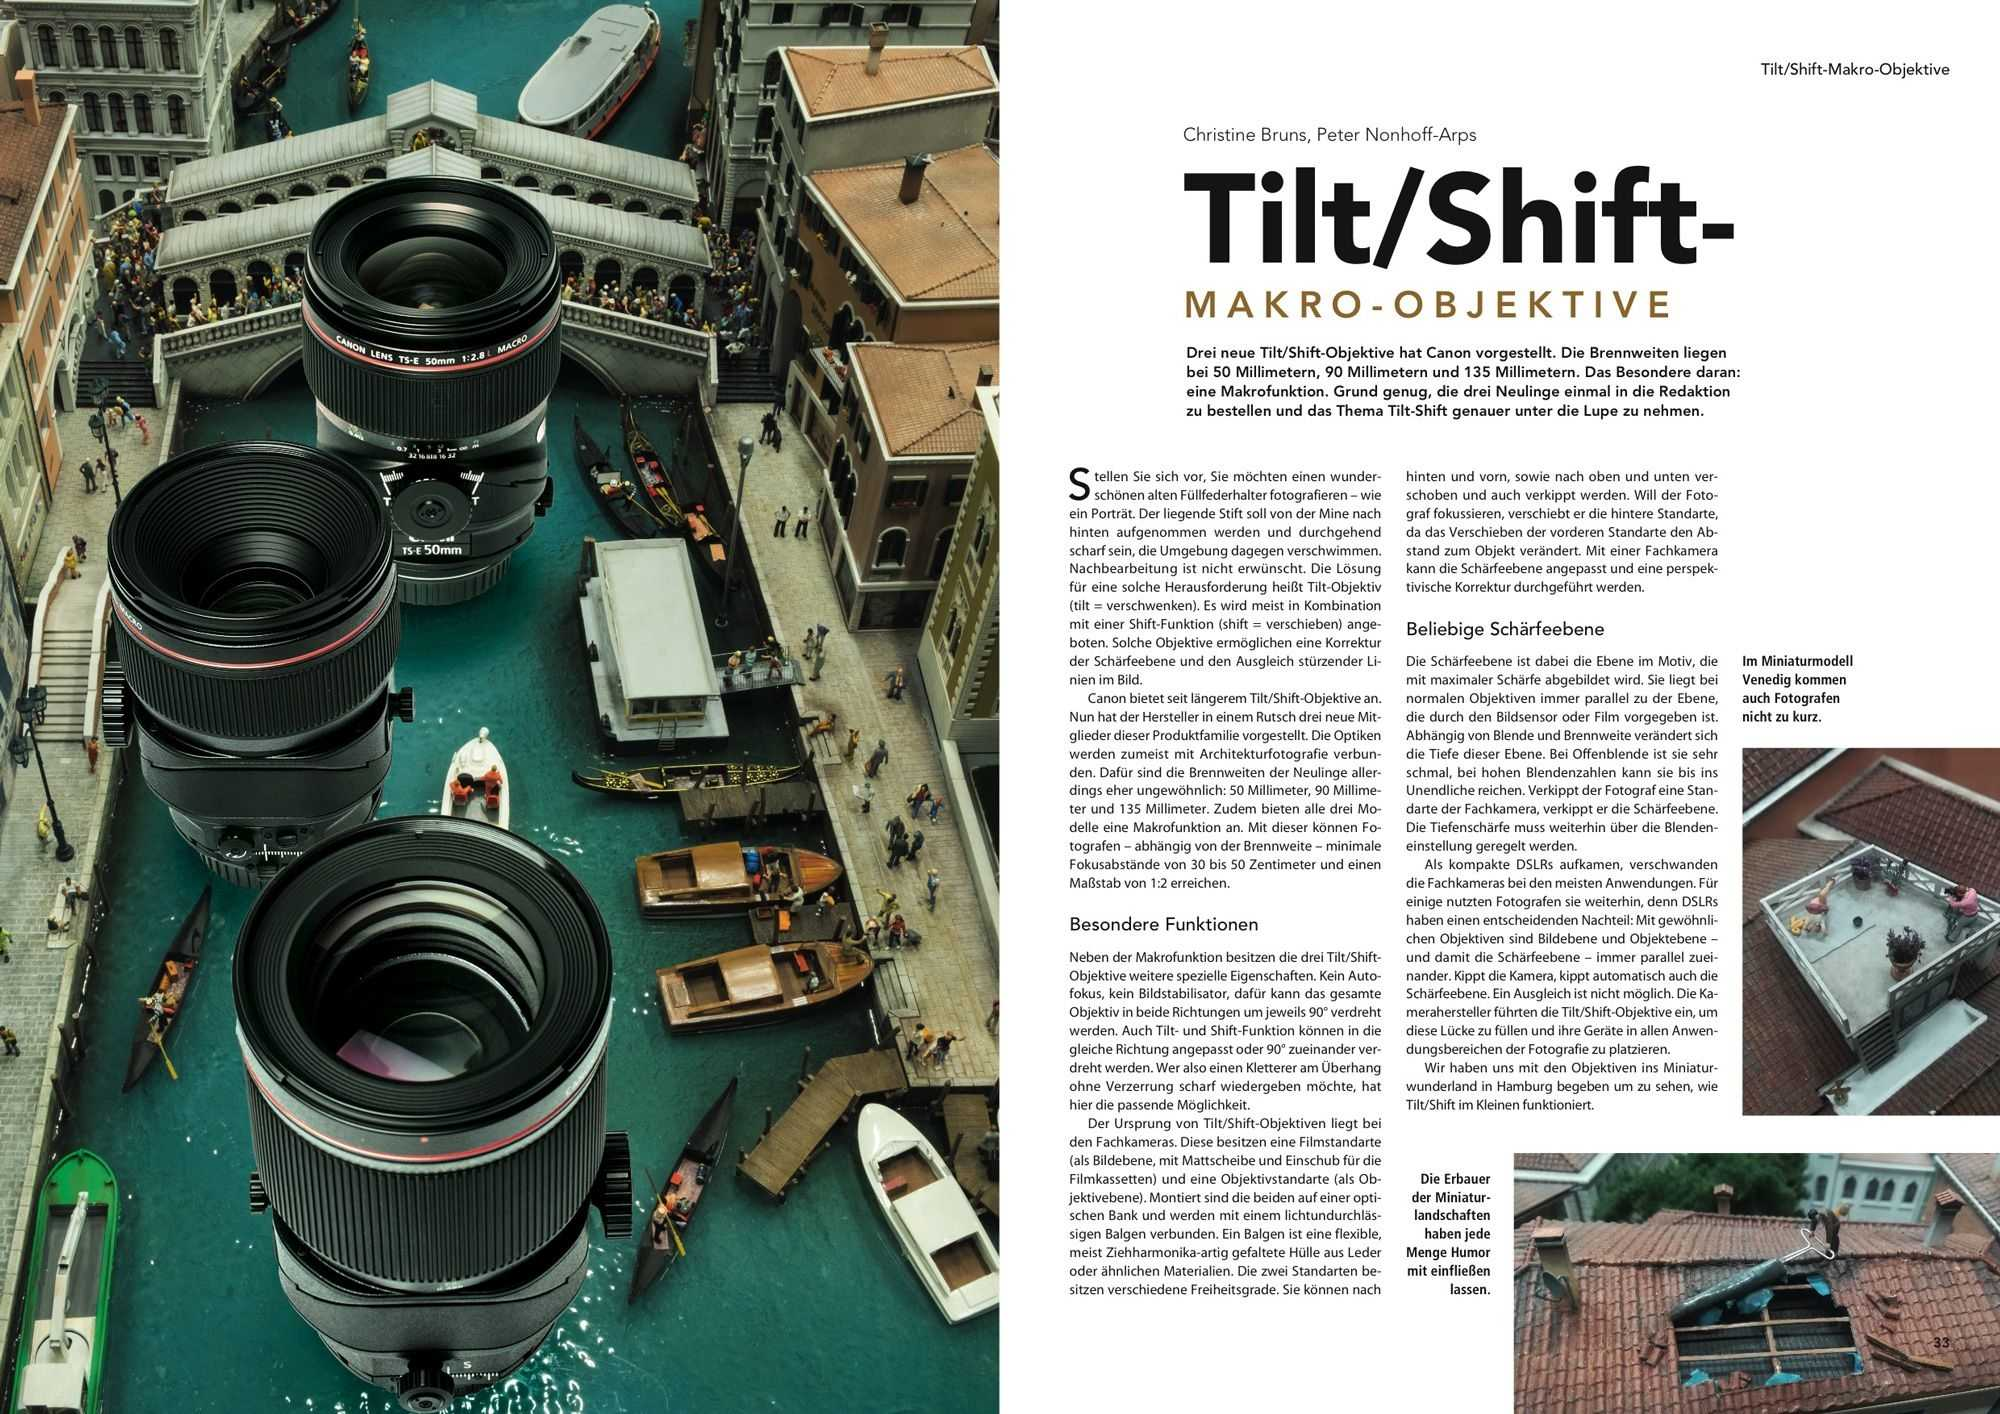 Tilt/Shift-Objektive, c't Fotografie 3/2018